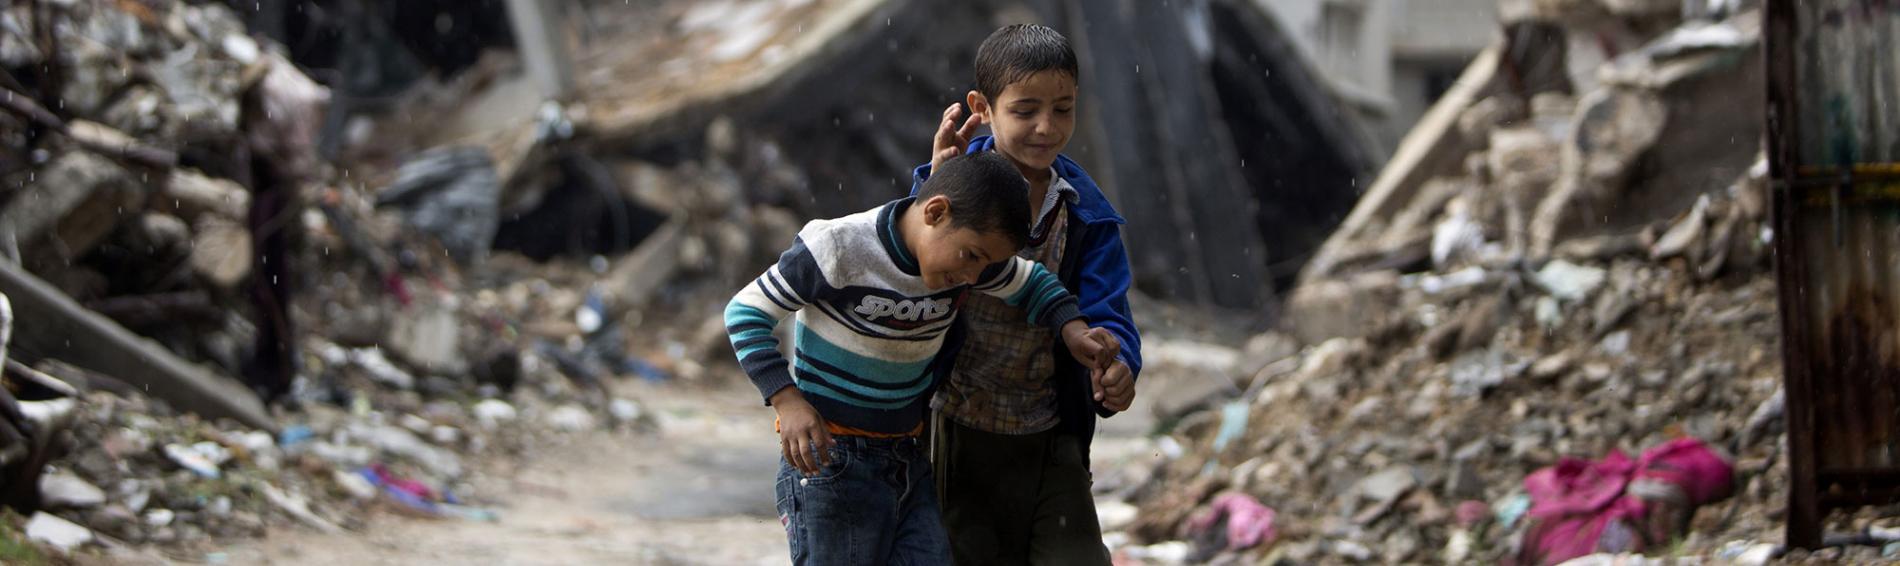 Spielende Kinder inmitten der Zerstörung, Gaza. Foto: Ibraheem Abu Mustaga, Reuters